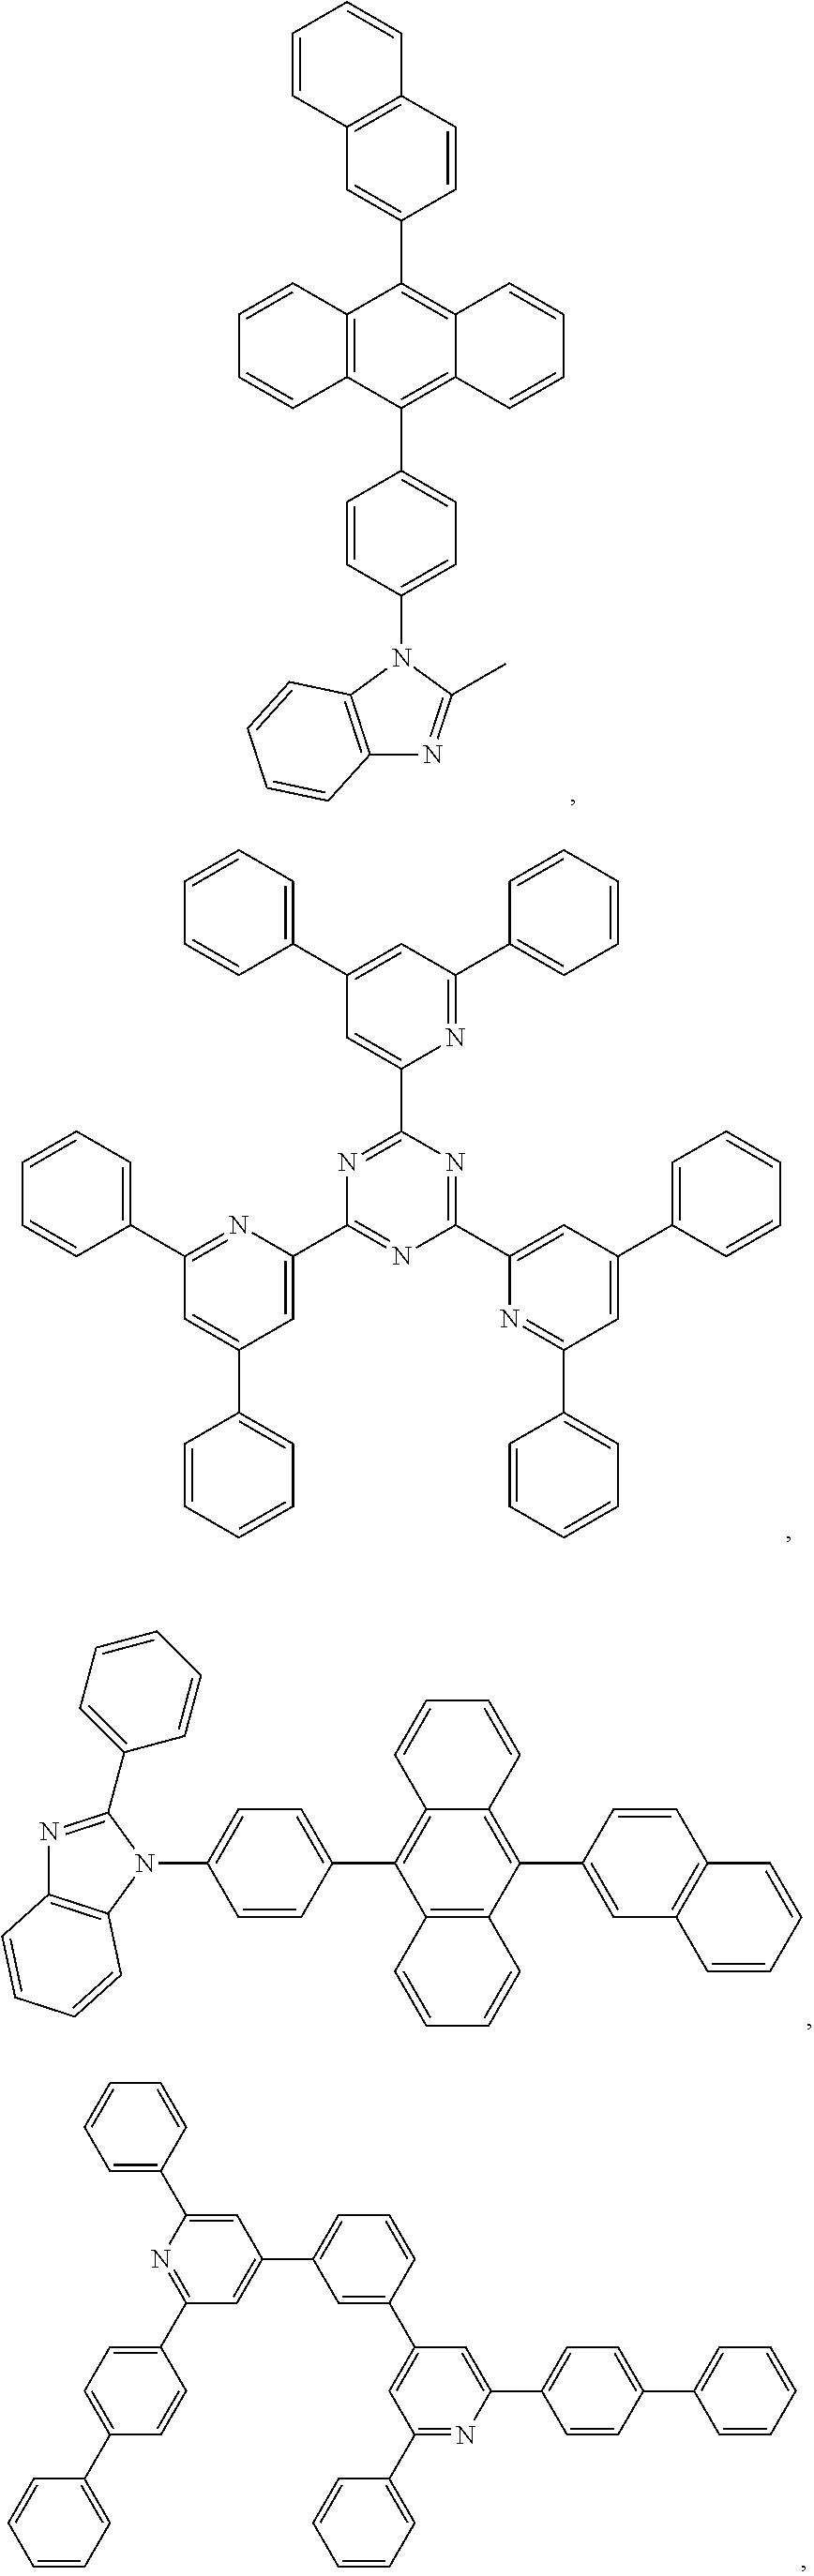 Figure US09929360-20180327-C00186